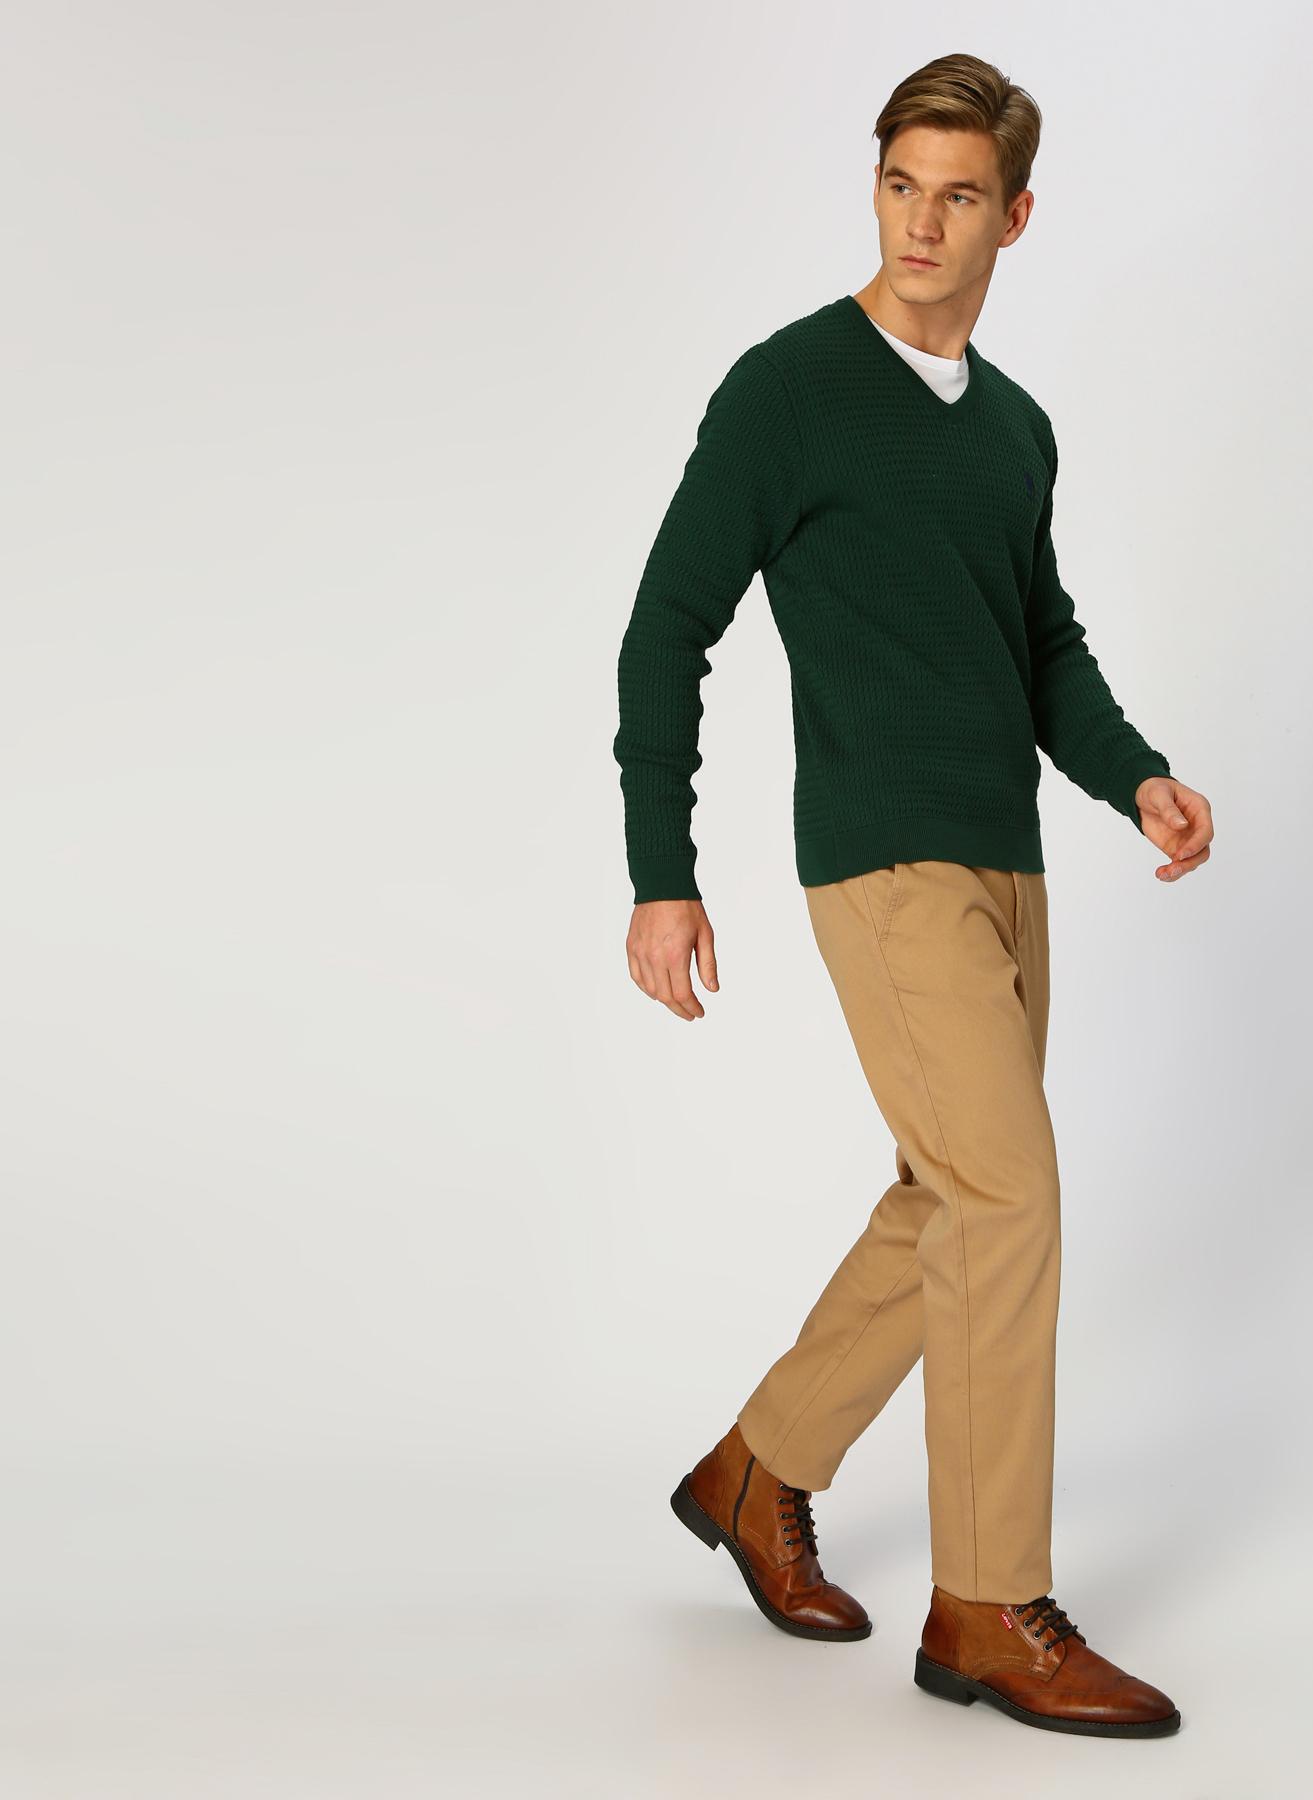 U.S. Polo Assn. Camel Klasik Pantolon 38 5001704771003 Ürün Resmi